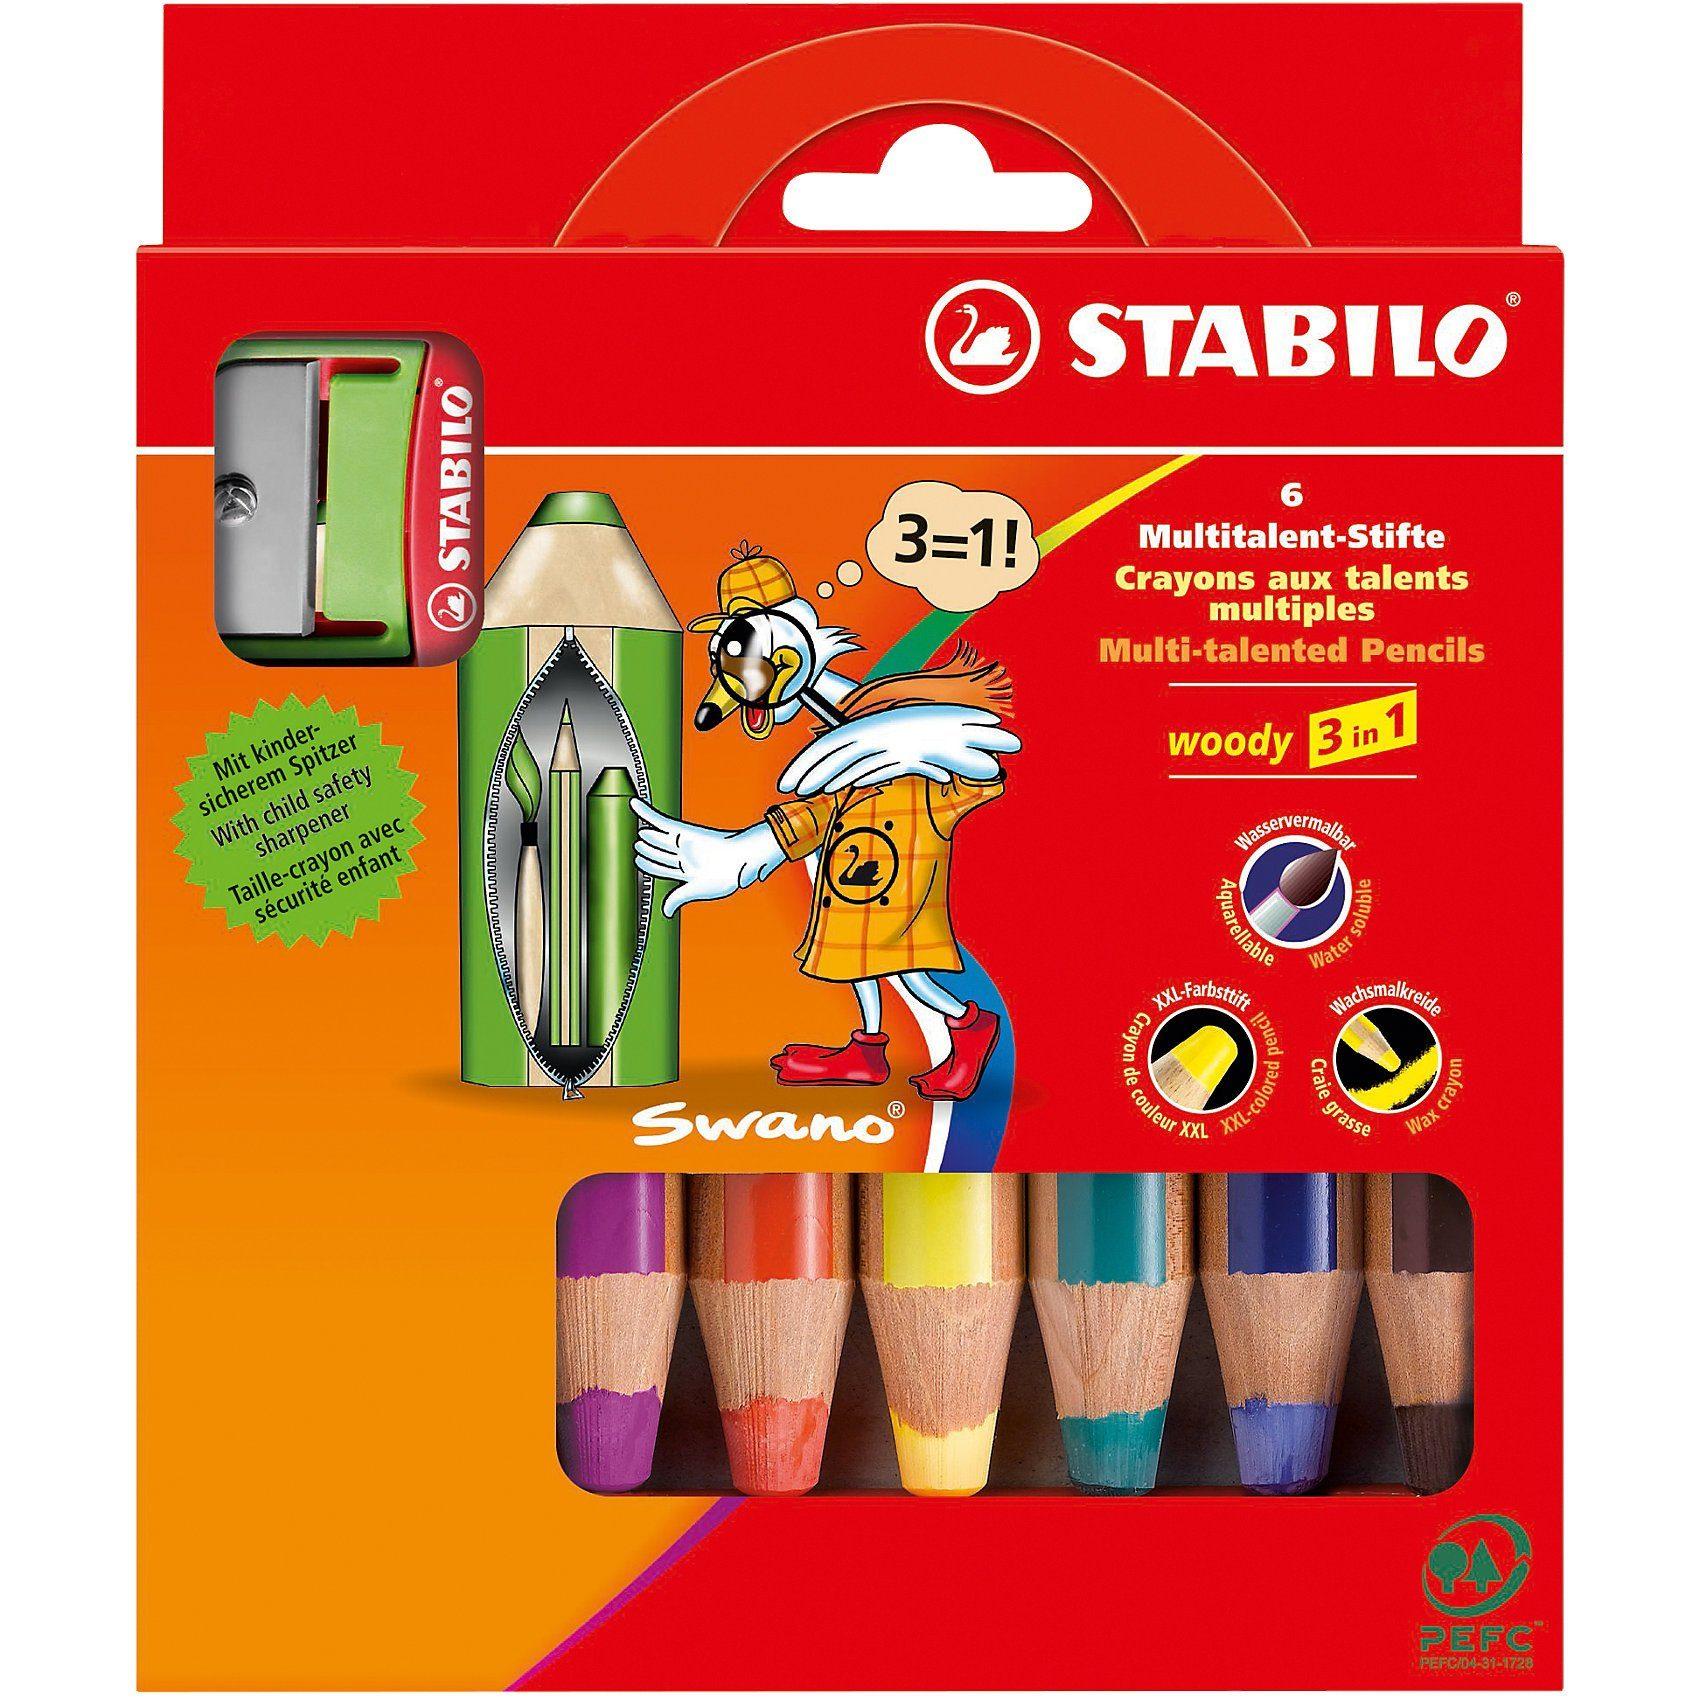 Stabilo Buntstifte woody 3 in 1, inkl. Spitzer, 6 Farben